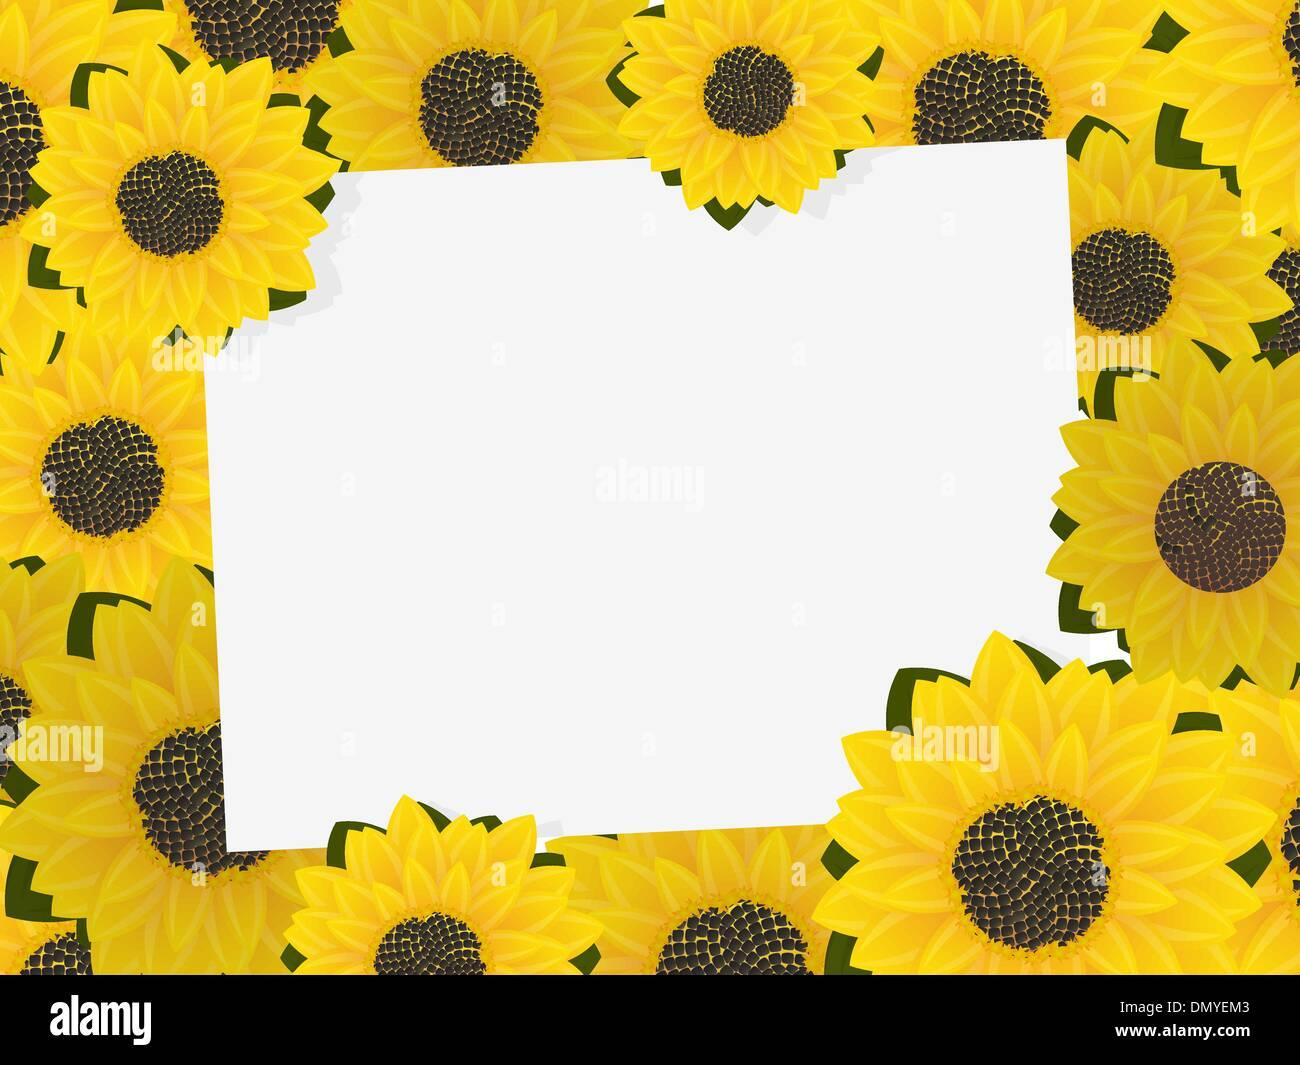 Sunflower frame Stock Vector Art & Illustration, Vector Image ...